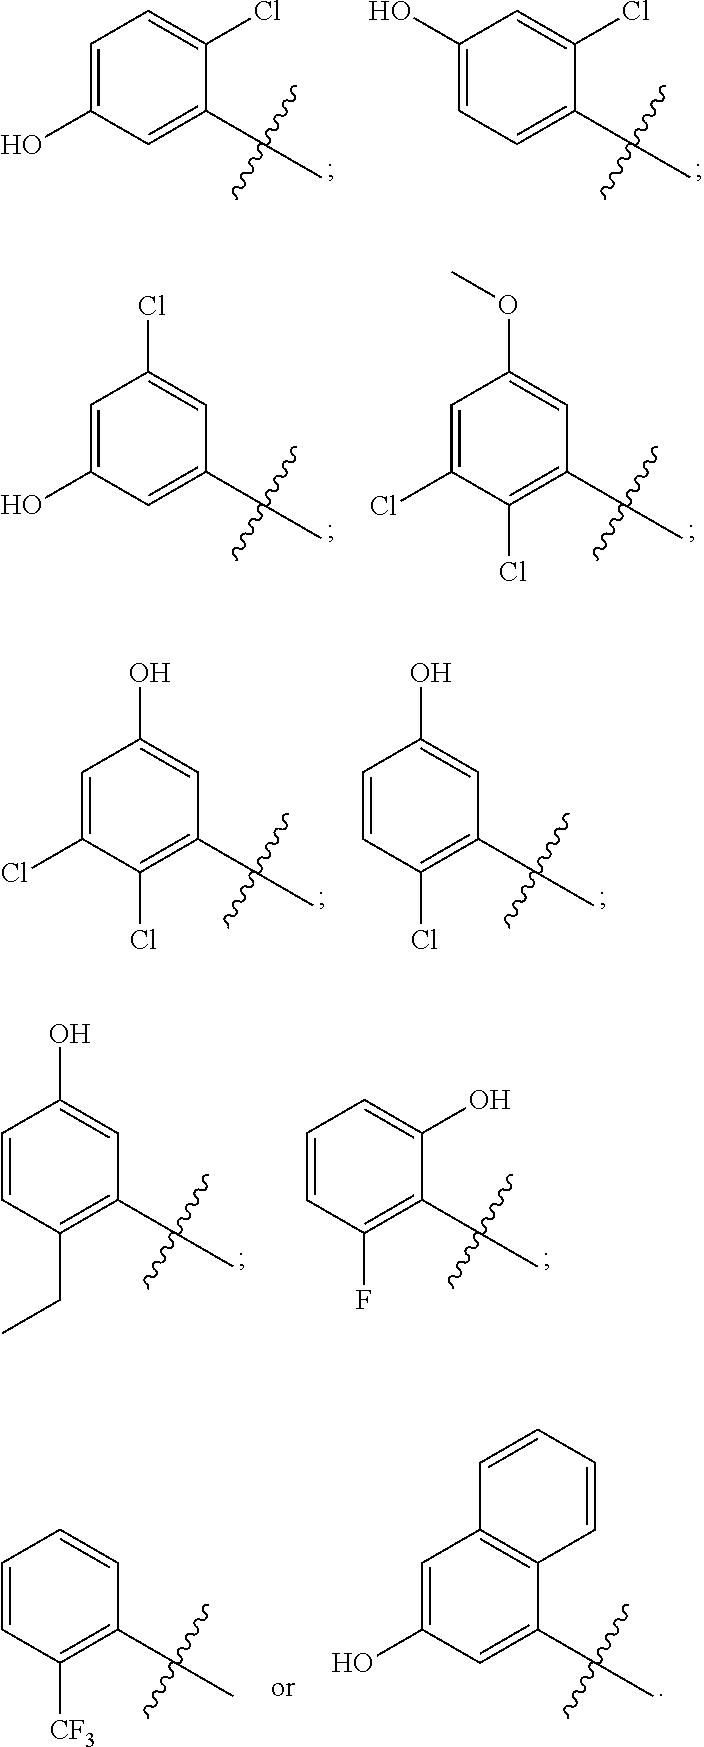 Figure US09862701-20180109-C00059